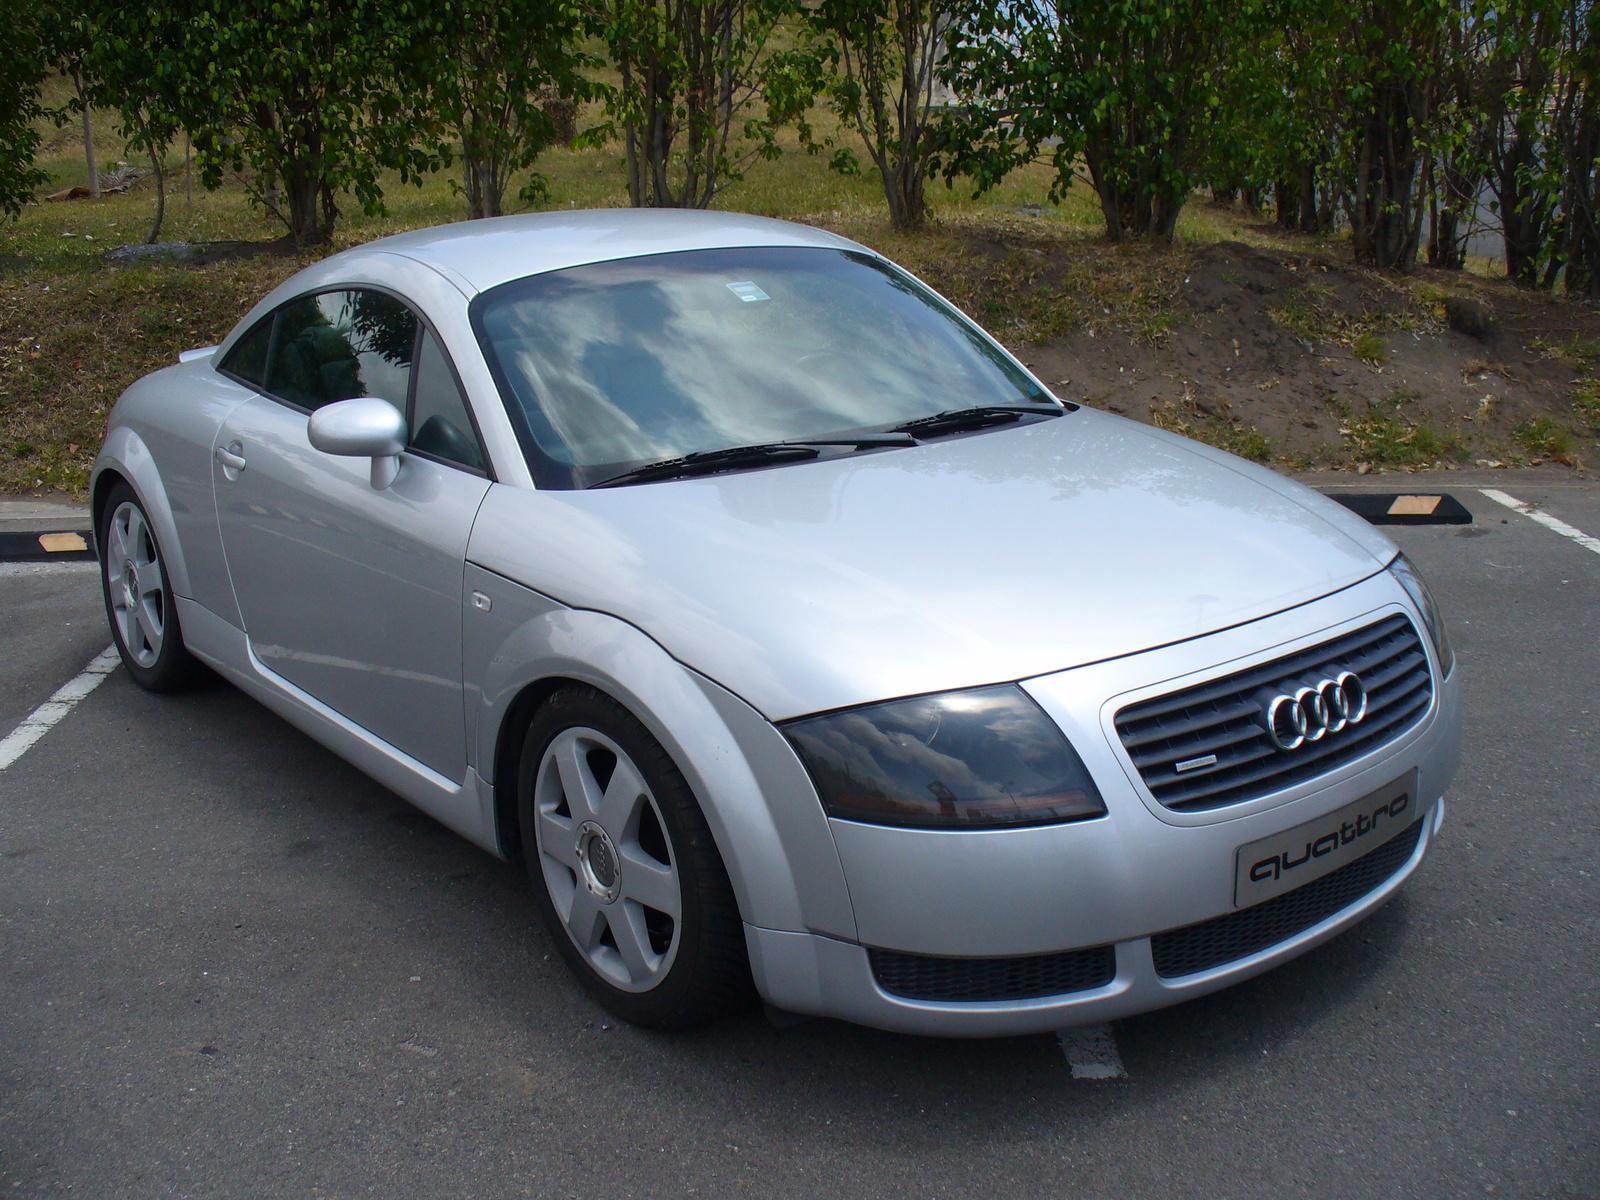 Picture of 2000 Audi TT